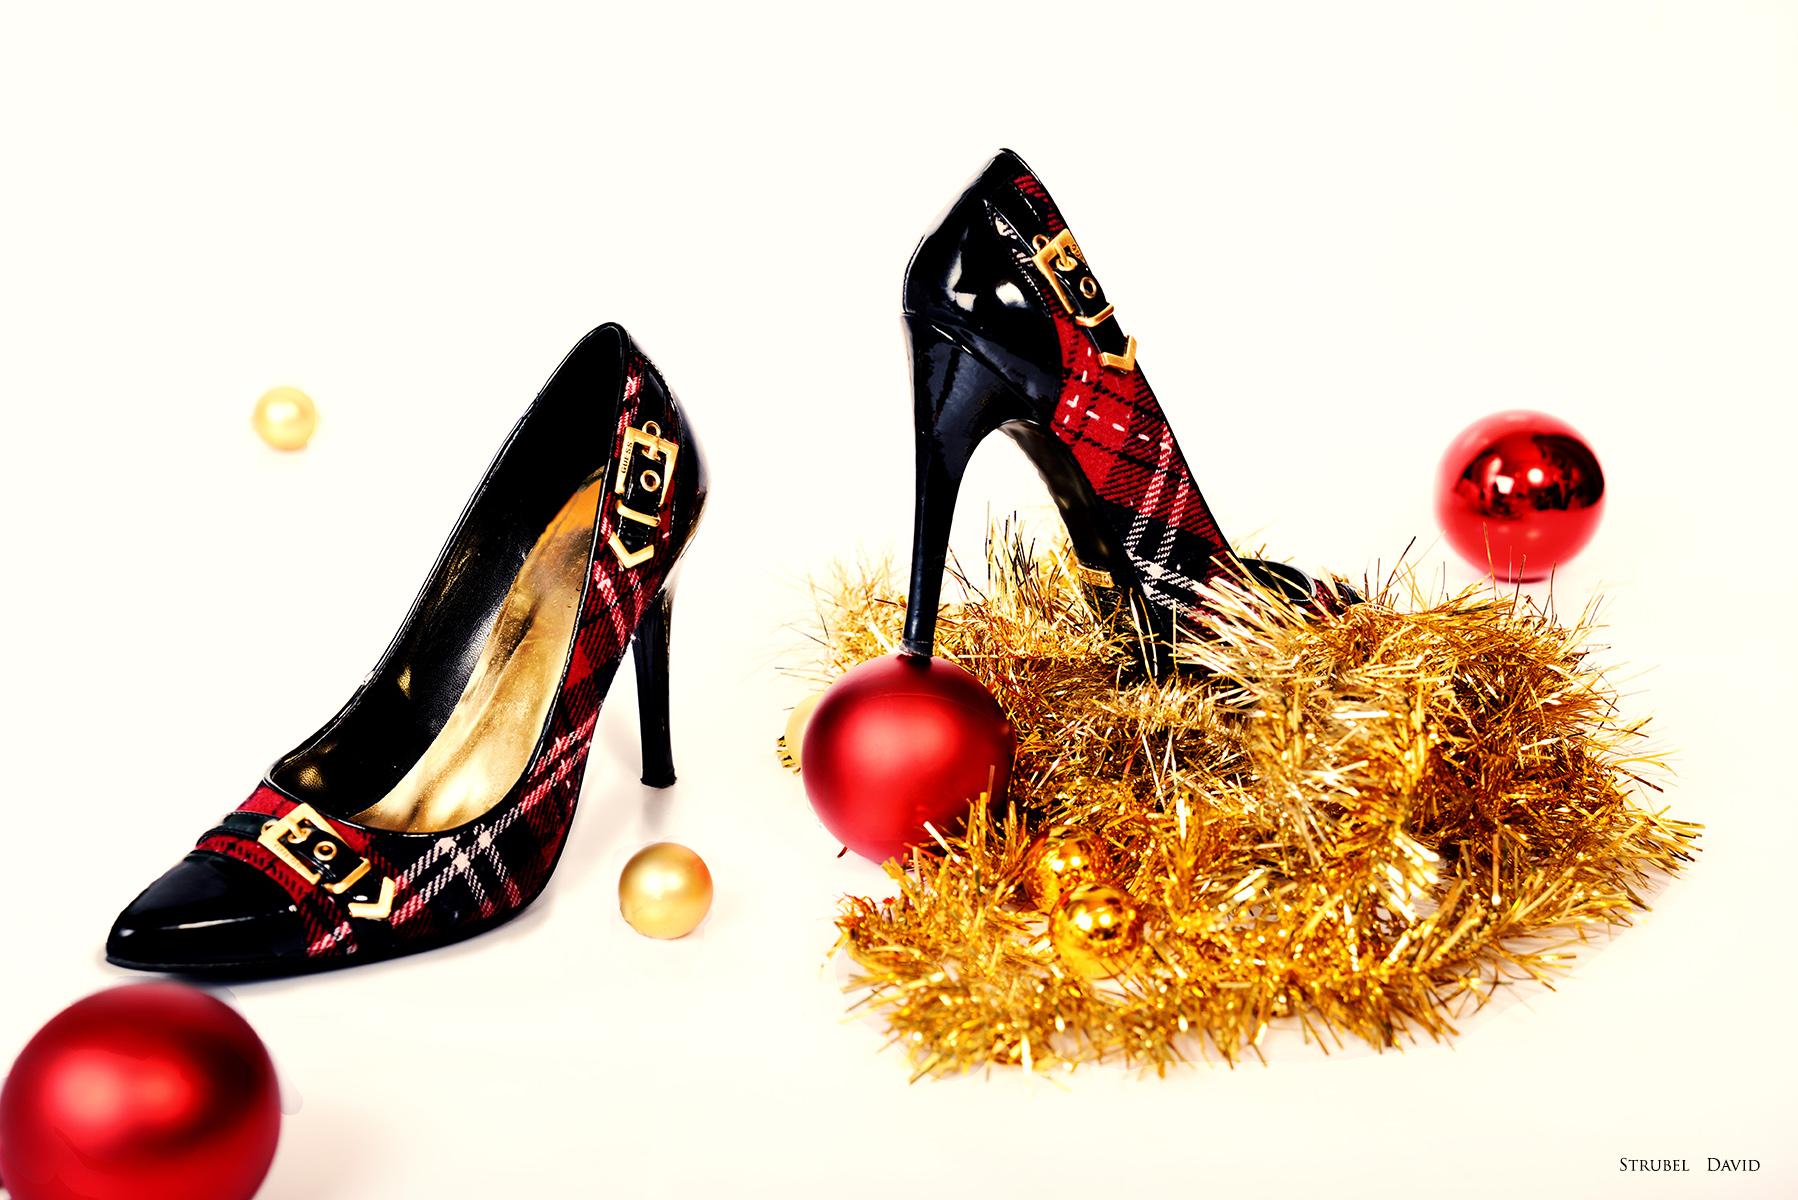 de jolie chaussure pour les cadeaux de noël